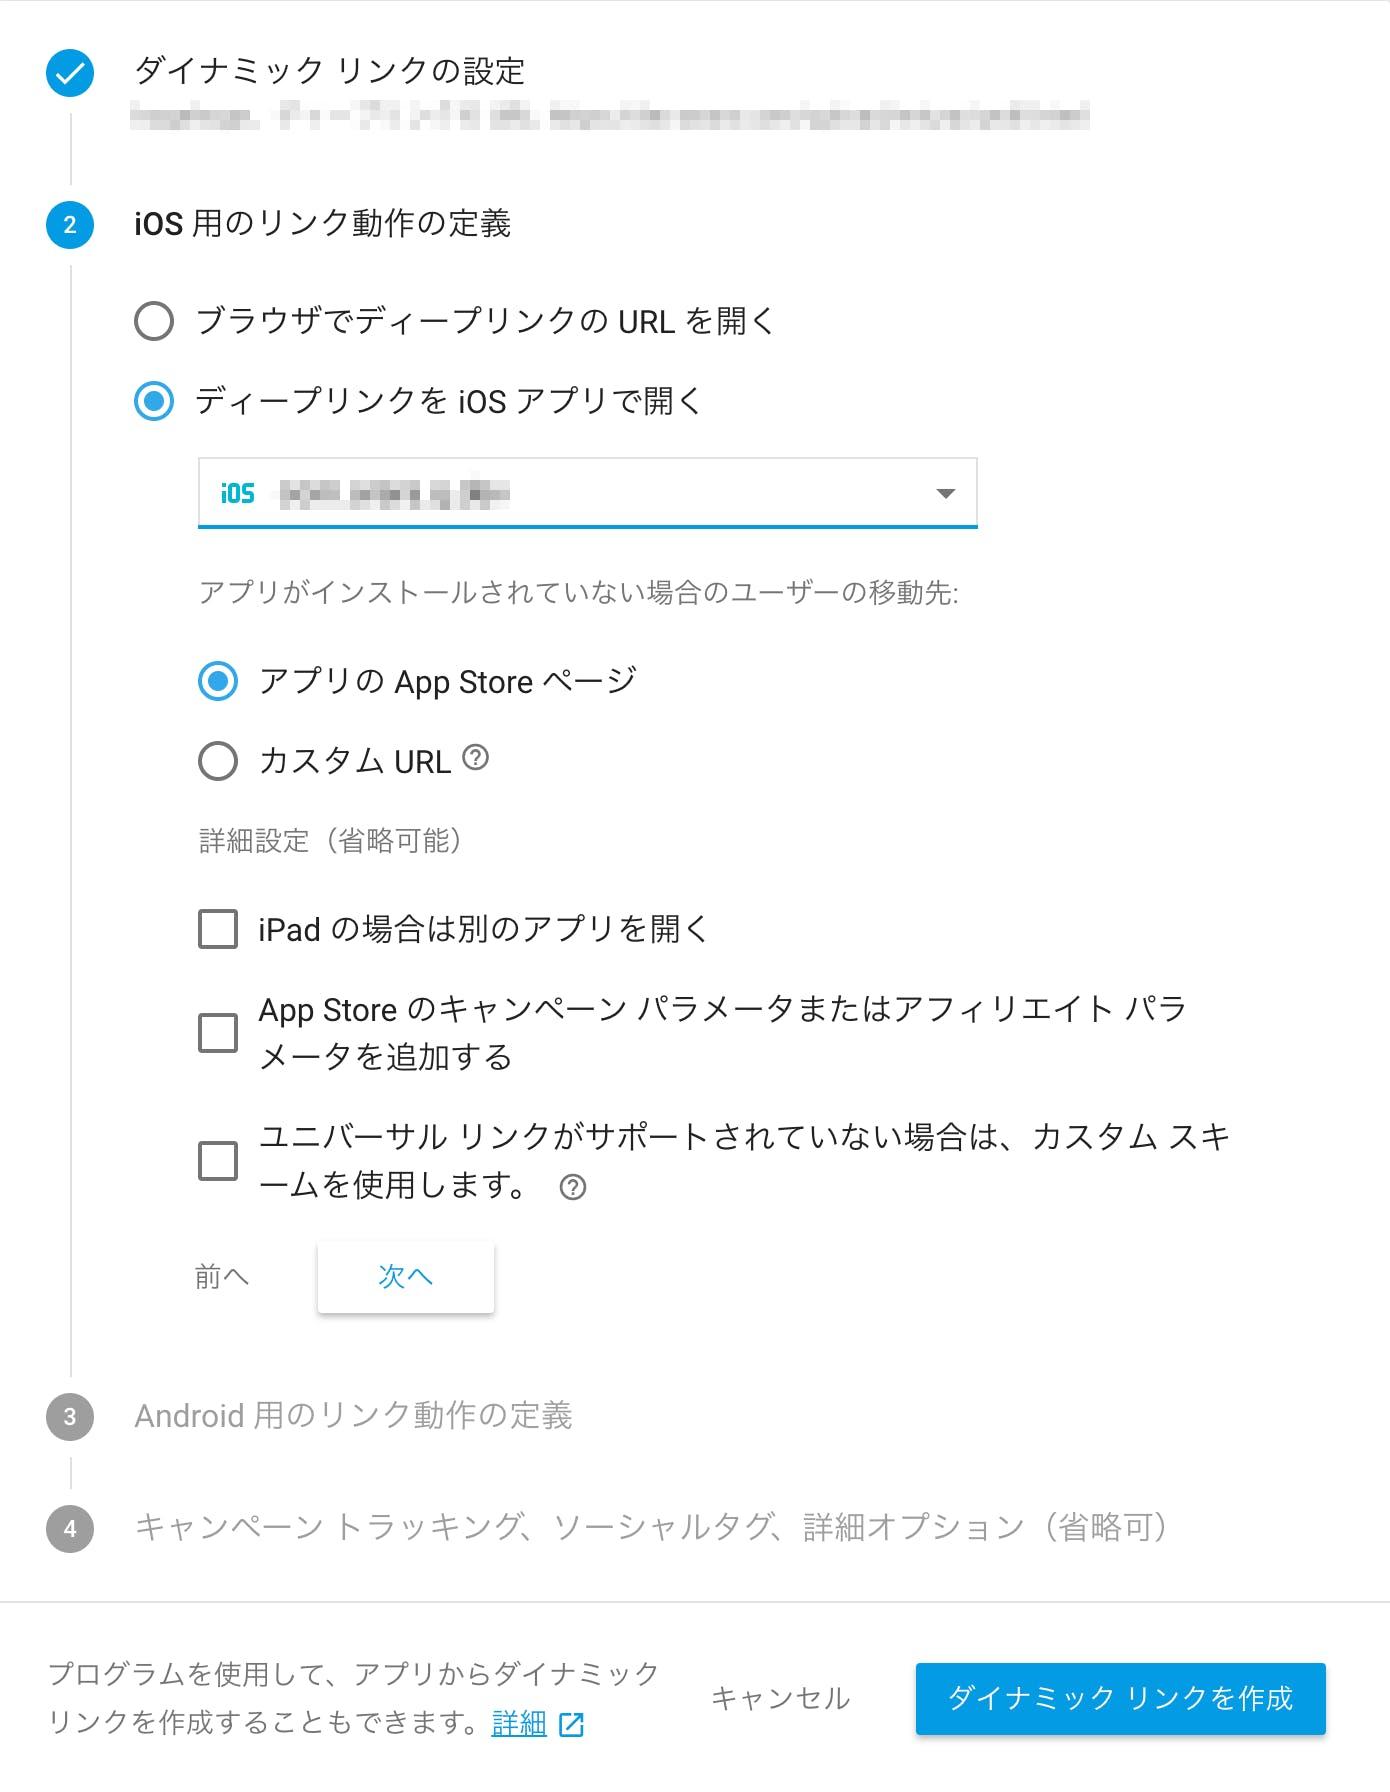 スクリーンショット 2017-11-16 14.37.57.png